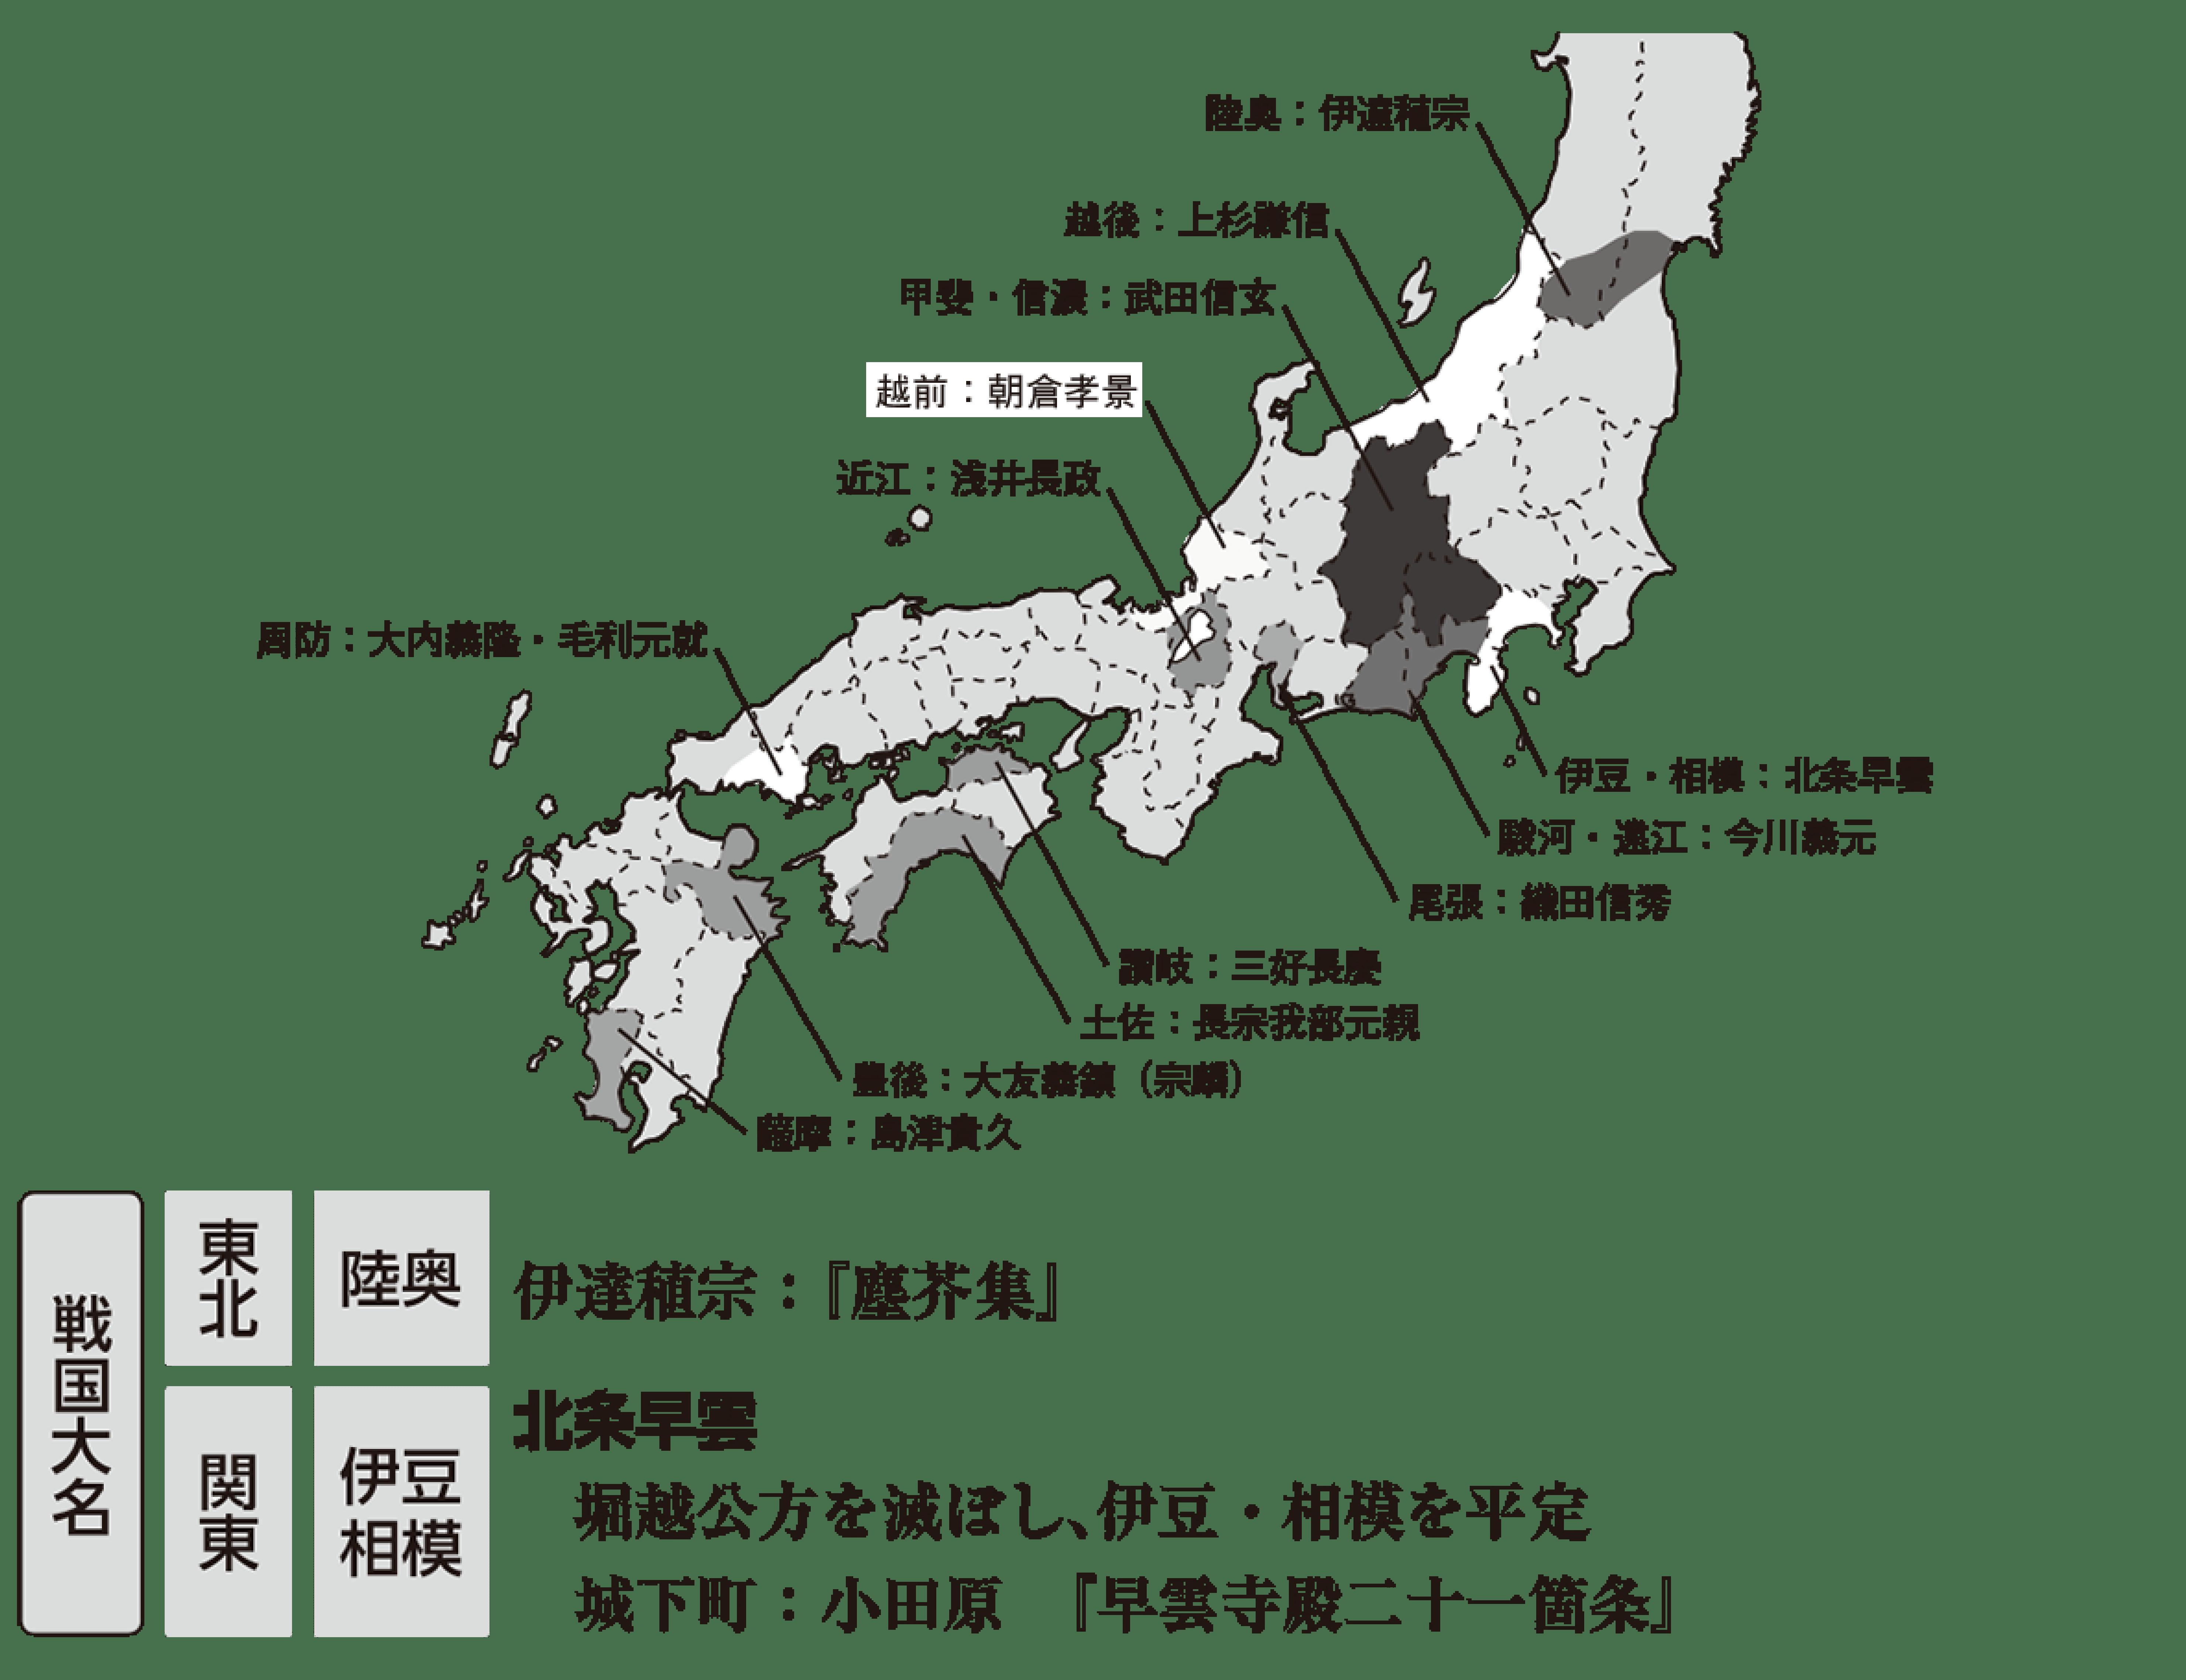 中世38 ポイント1 全体地図+戦国大名(東北・関東)